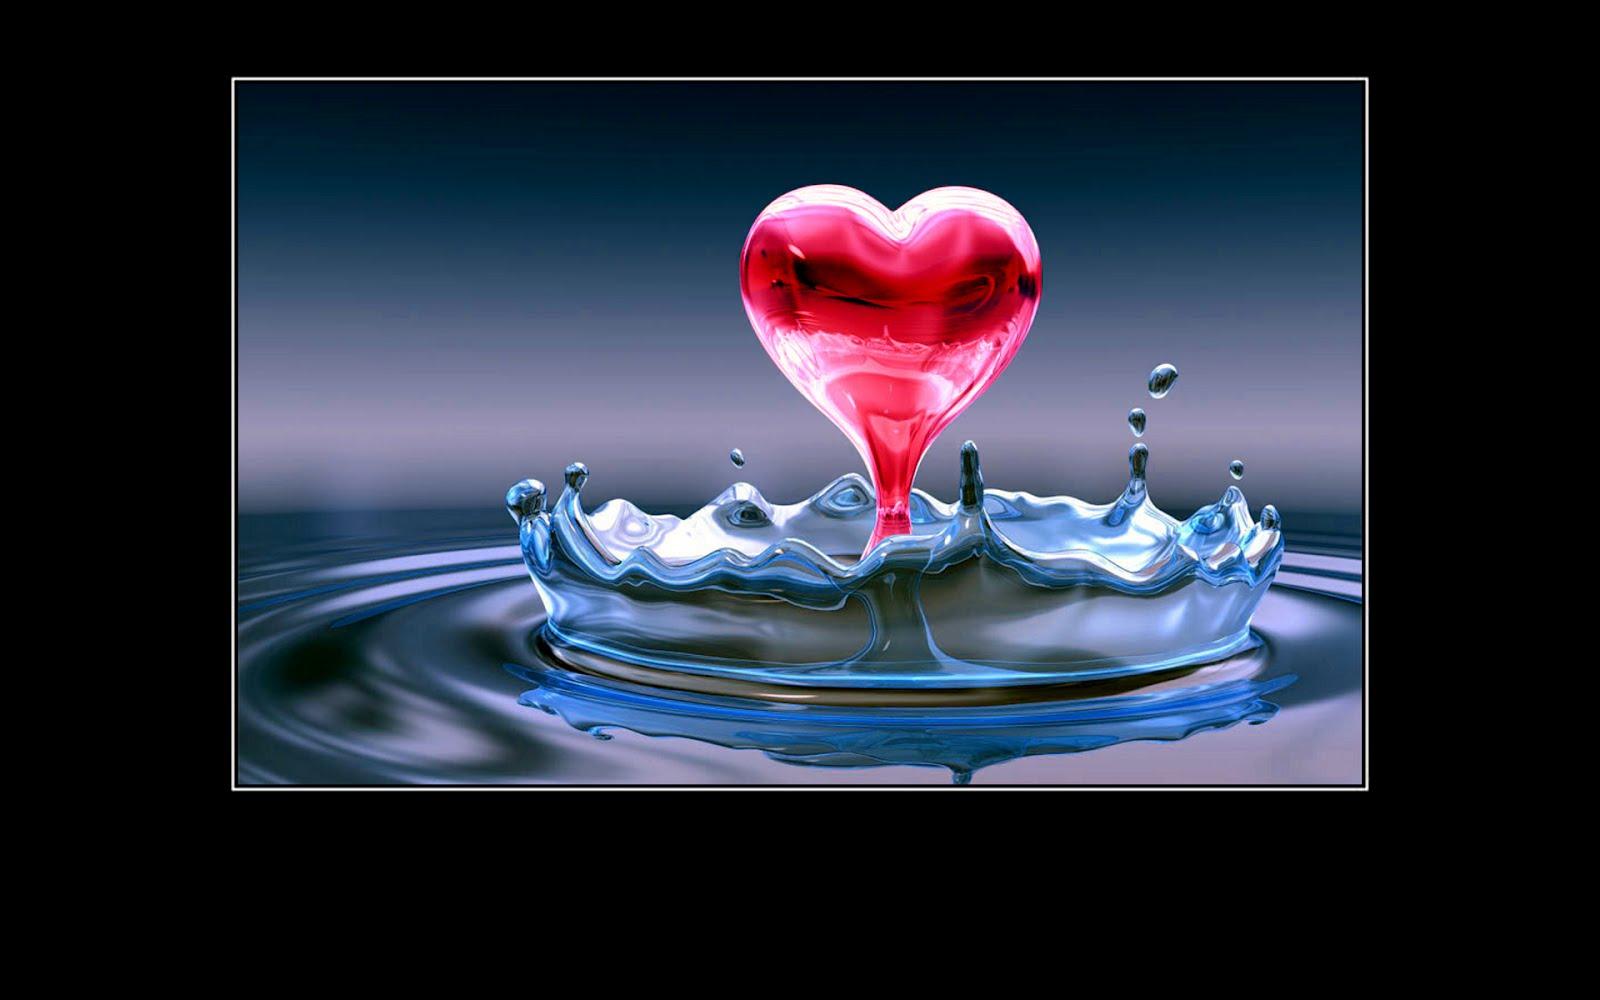 http://4.bp.blogspot.com/-jtZRwRuffIE/T60vw2lpmEI/AAAAAAAADsc/1wZ4krqFiJ4/s1600/Love%2BQuotes%2BWallpapers%2B3.jpg